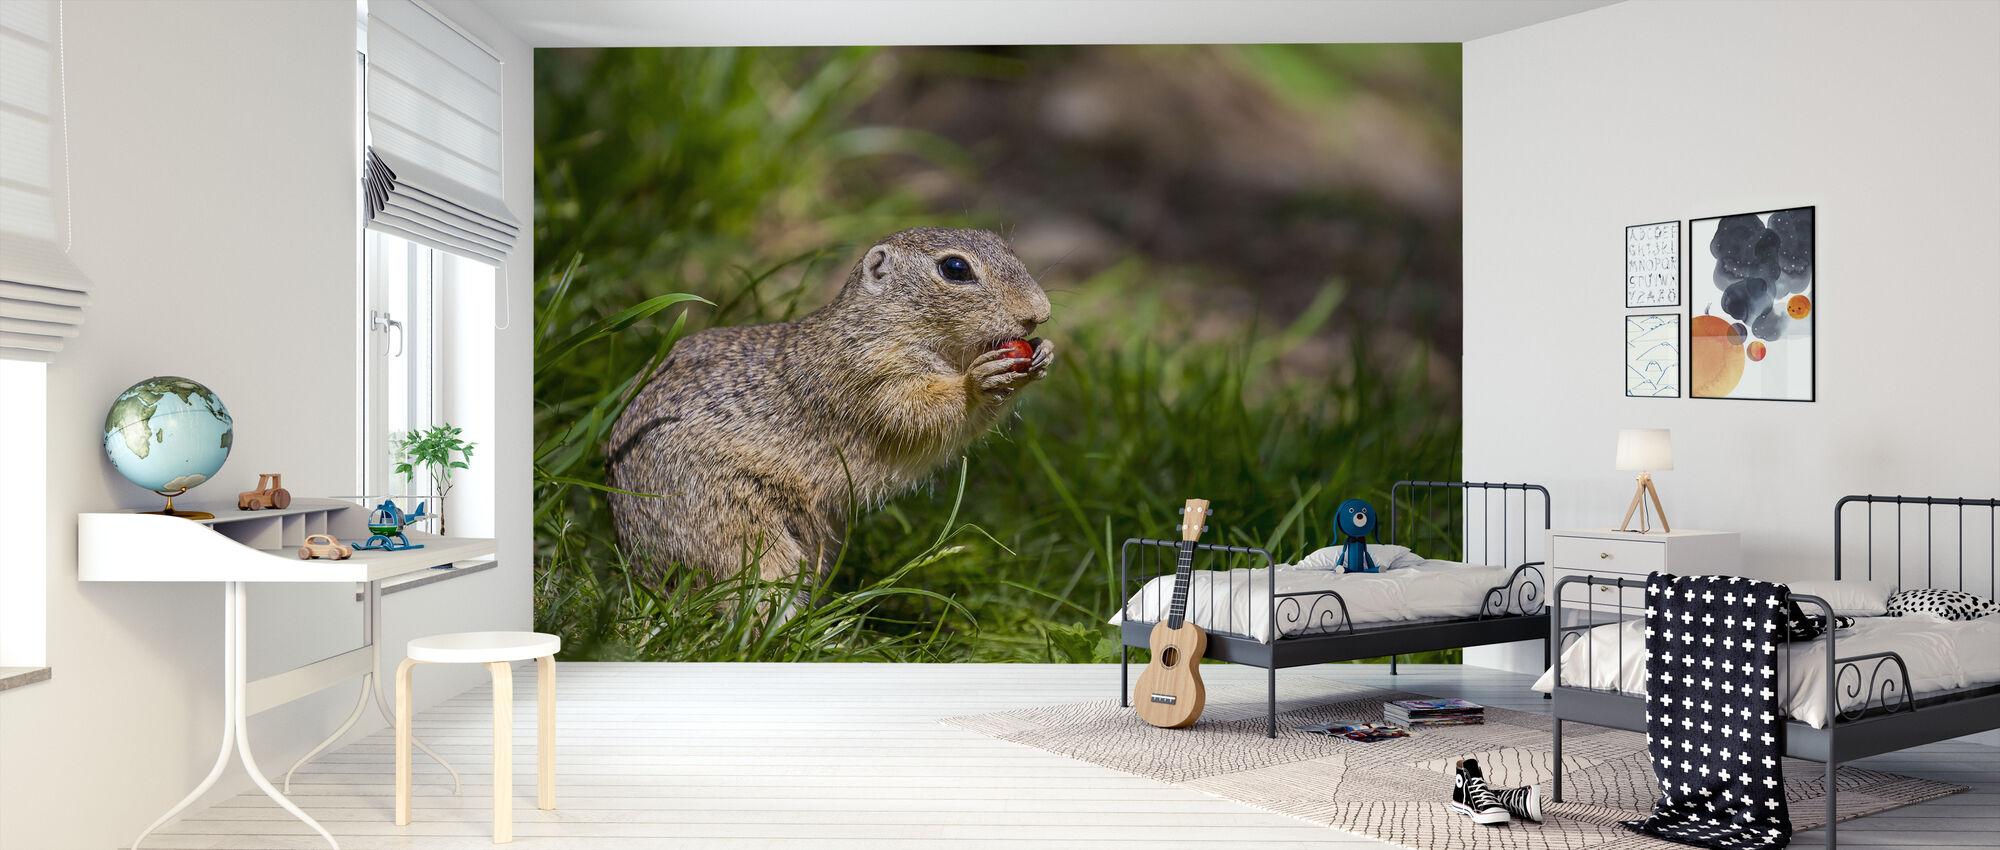 European Ground Squirrel - Wallpaper - Kids Room